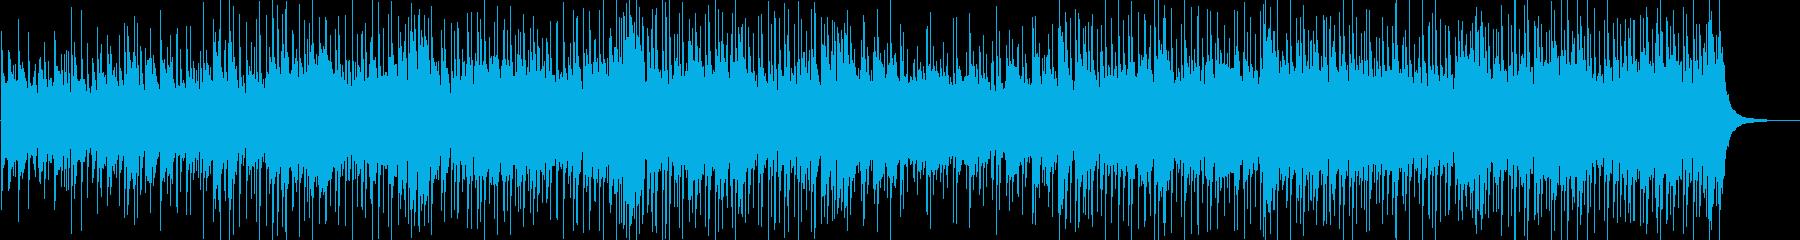 軽快なポップピアノBGMの再生済みの波形